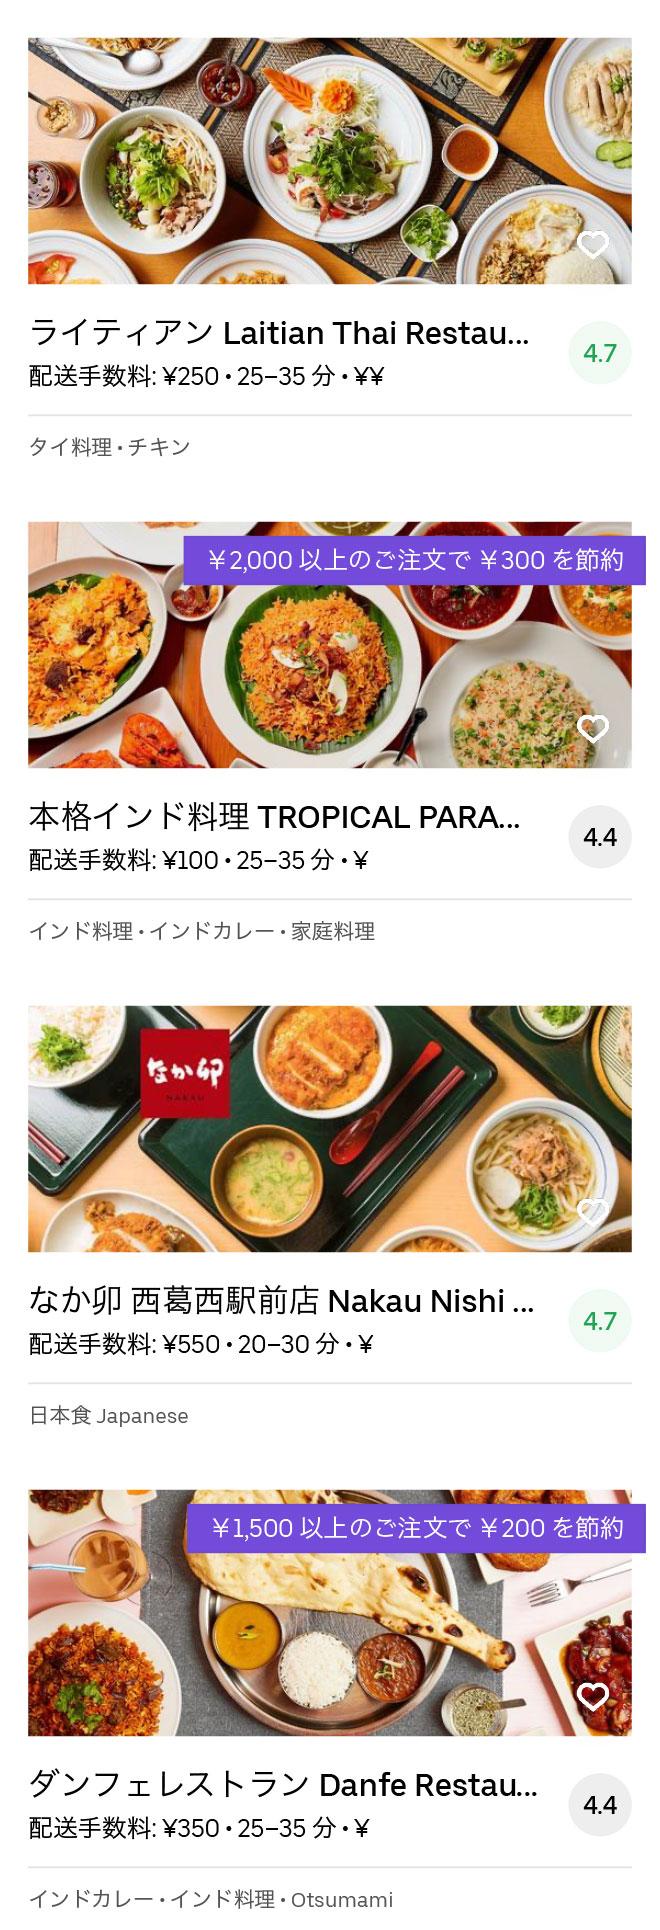 Urayasu menu 200410